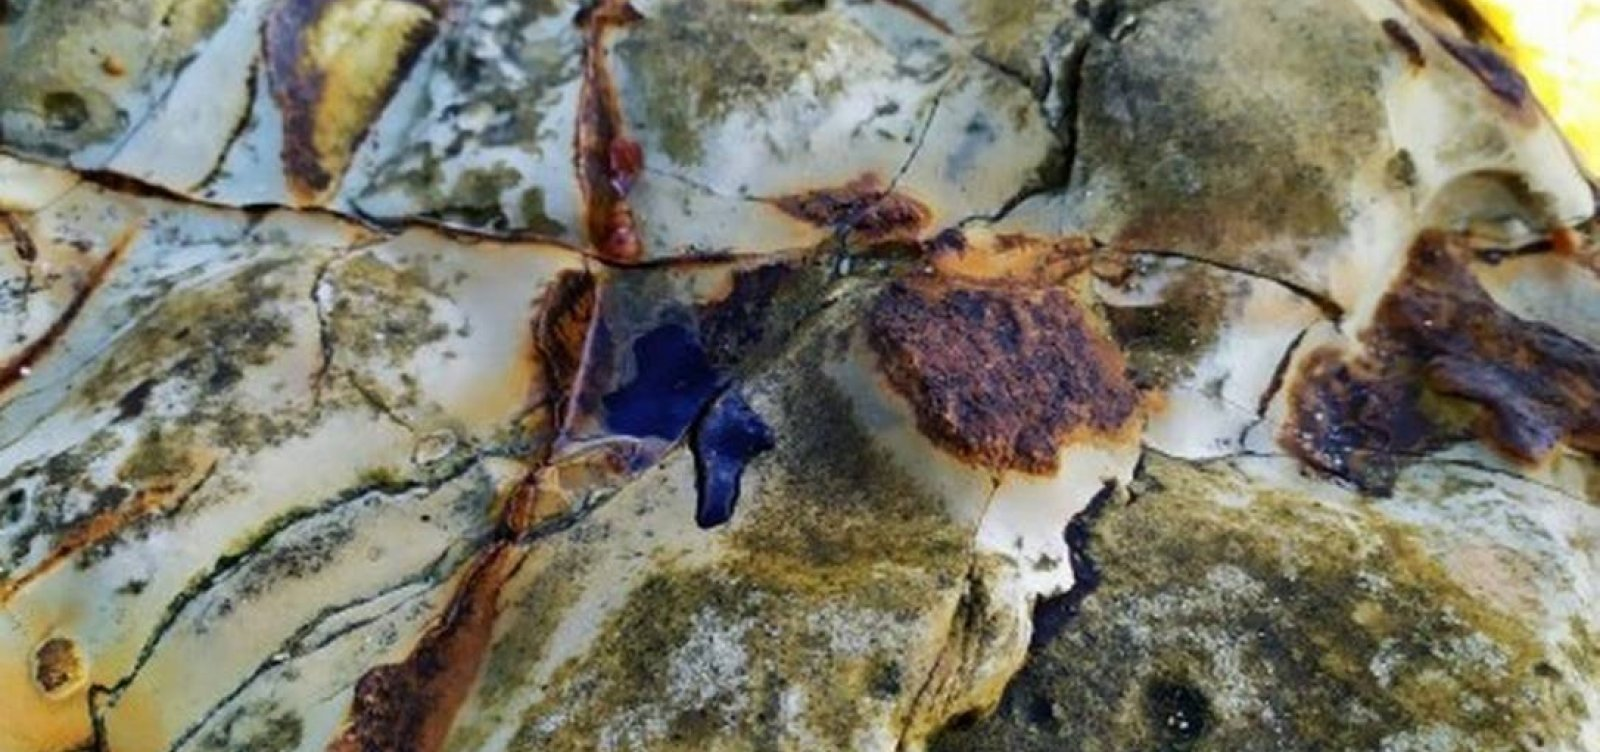 [Redes de pesca apreendidas são usadas para conter óleo em Abrolhos]